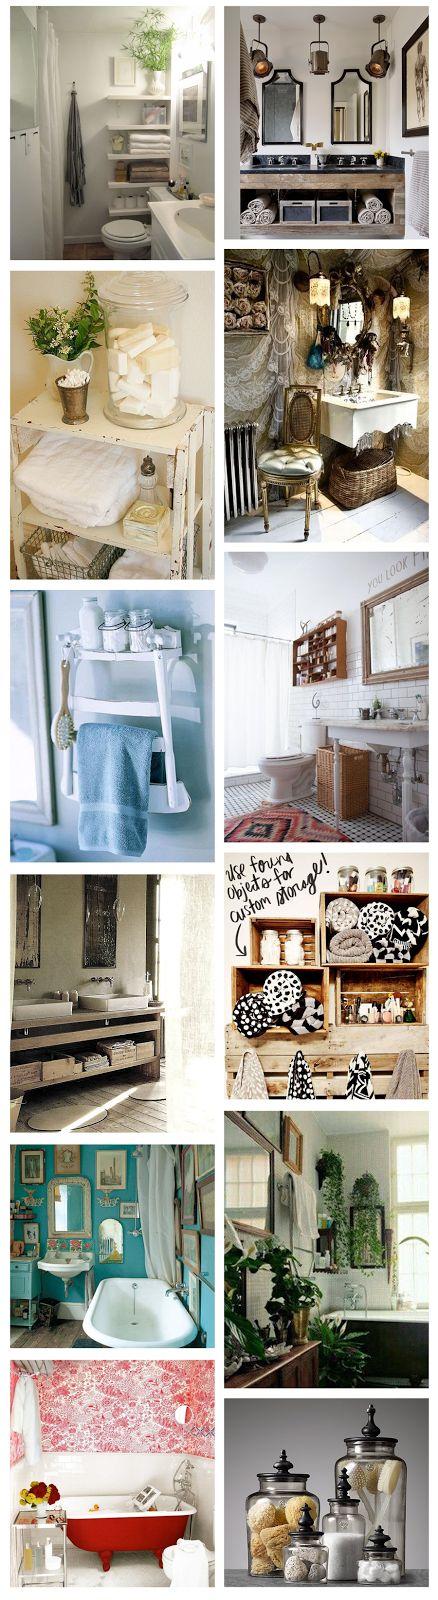 Inspiration Déco : La salle de bain - Swaallow.com - Lifestyle, beauté, déco, DIY, la rochelle